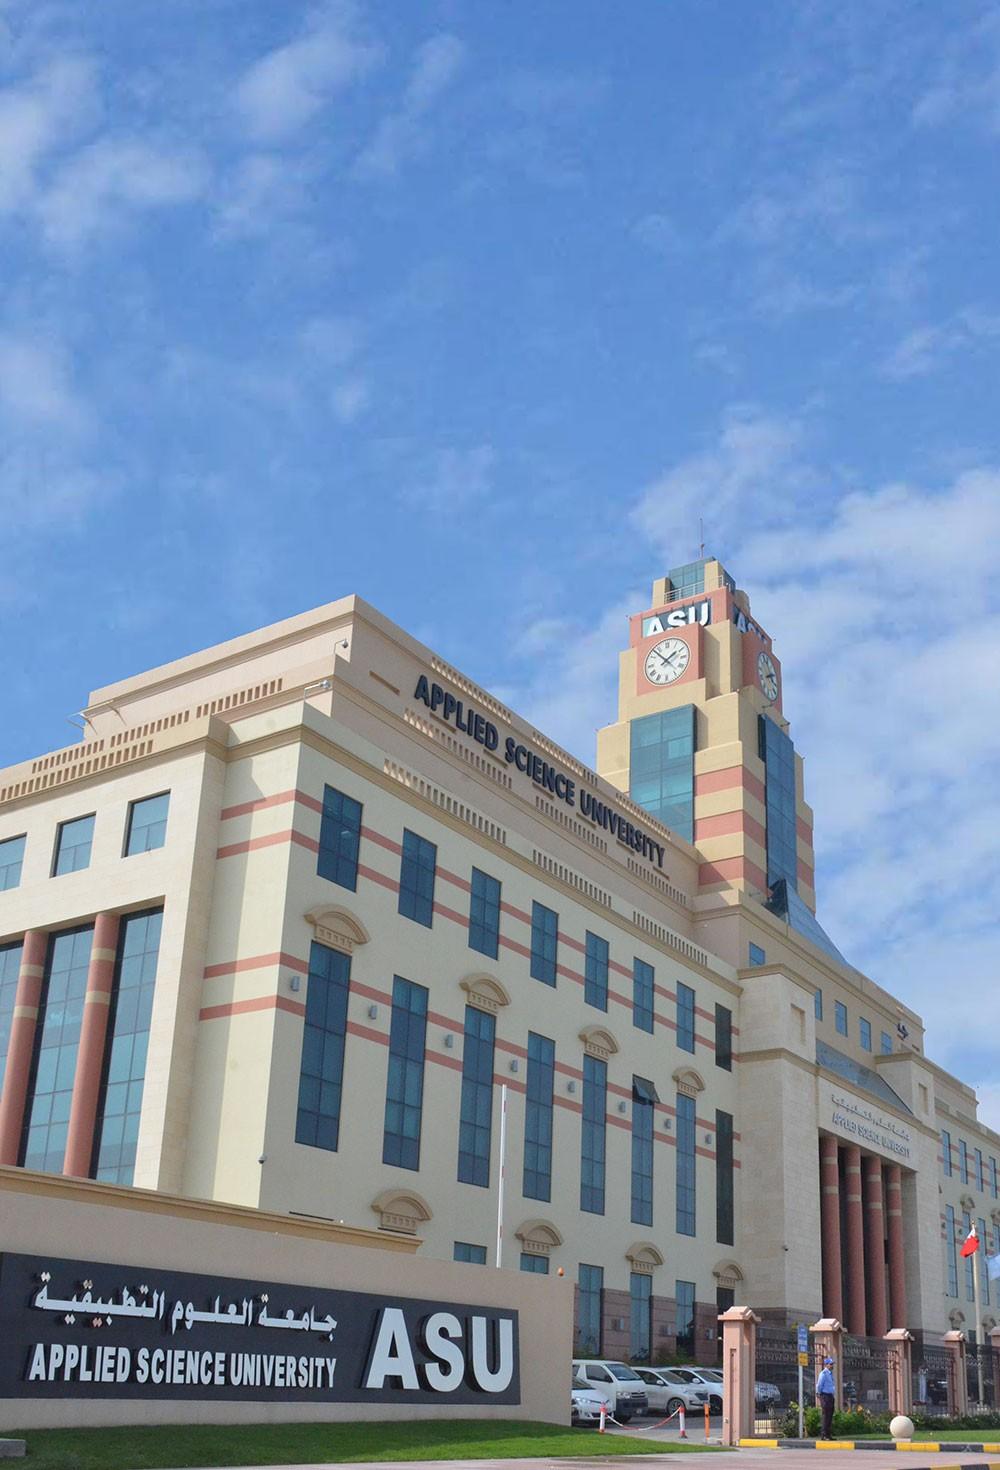 جامعة العلوم التطبيقية بالمرتبة الثانية محلياً والأولى على مستوى الجامعات الخاصة